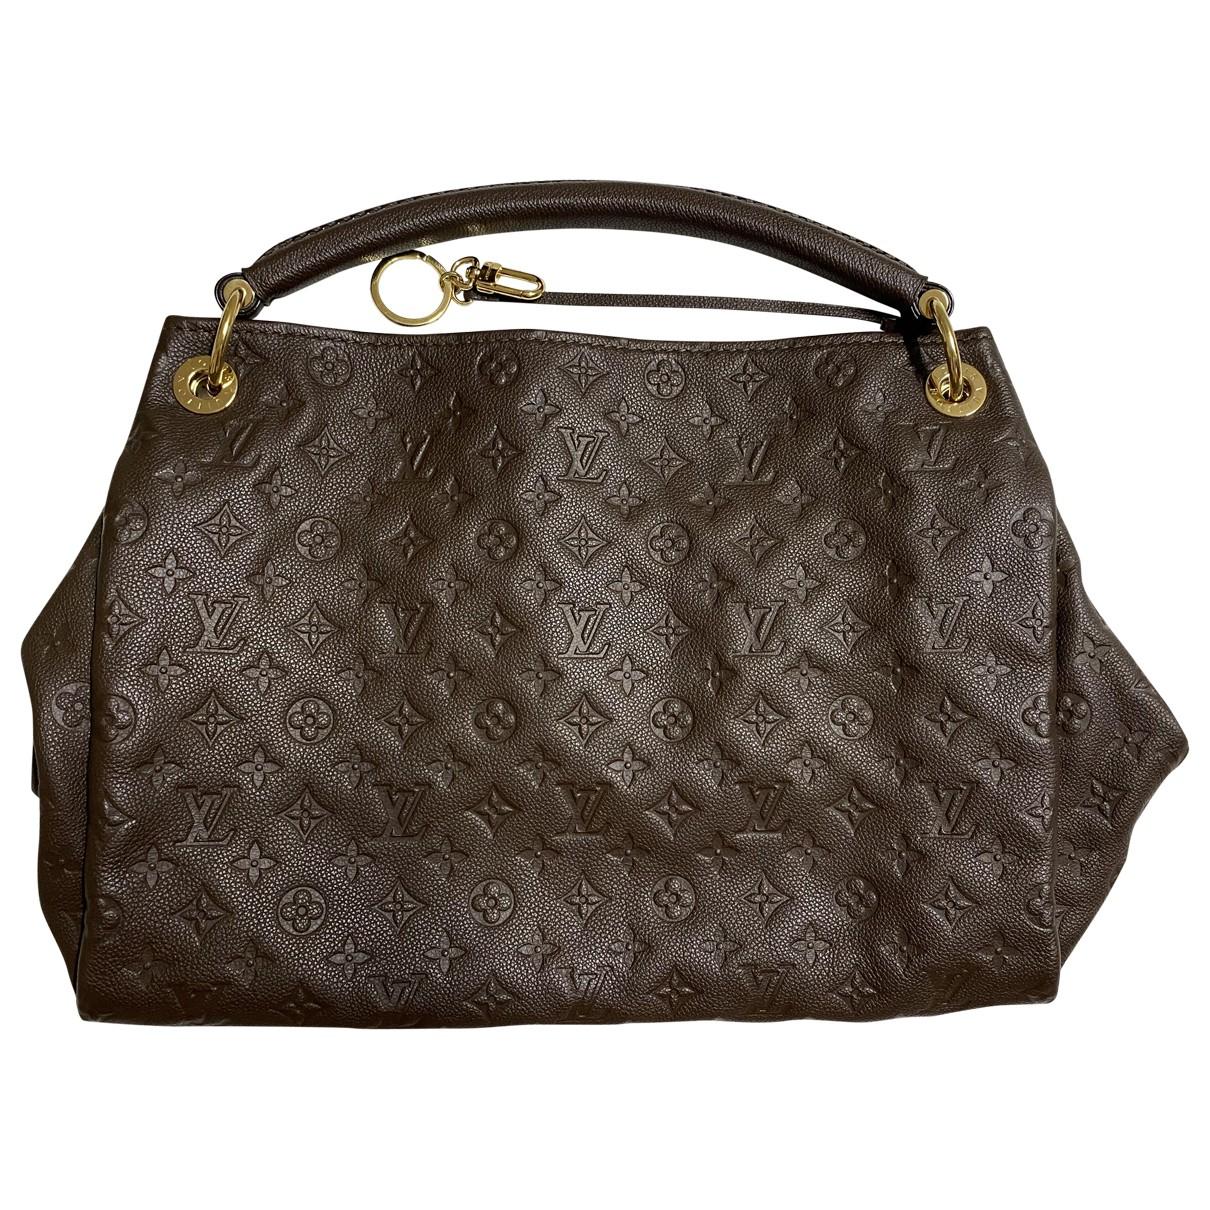 Louis Vuitton - Sac a main Artsy pour femme en cuir - marron